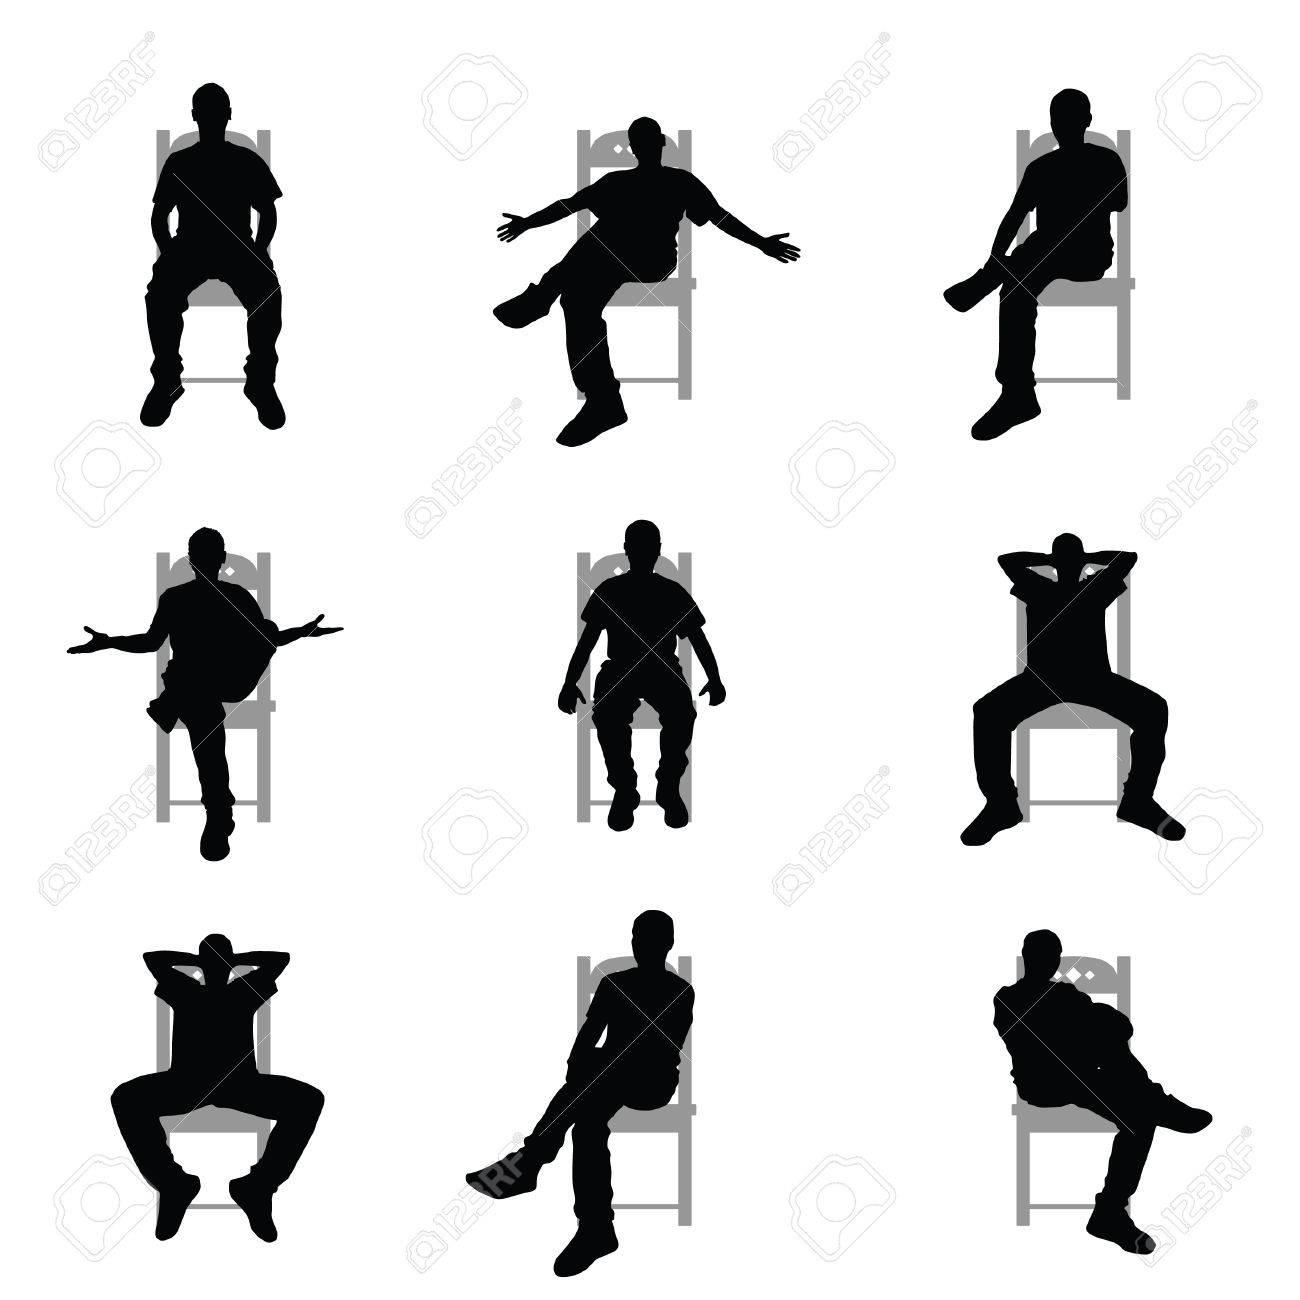 椅子 に 座り 続ける 男